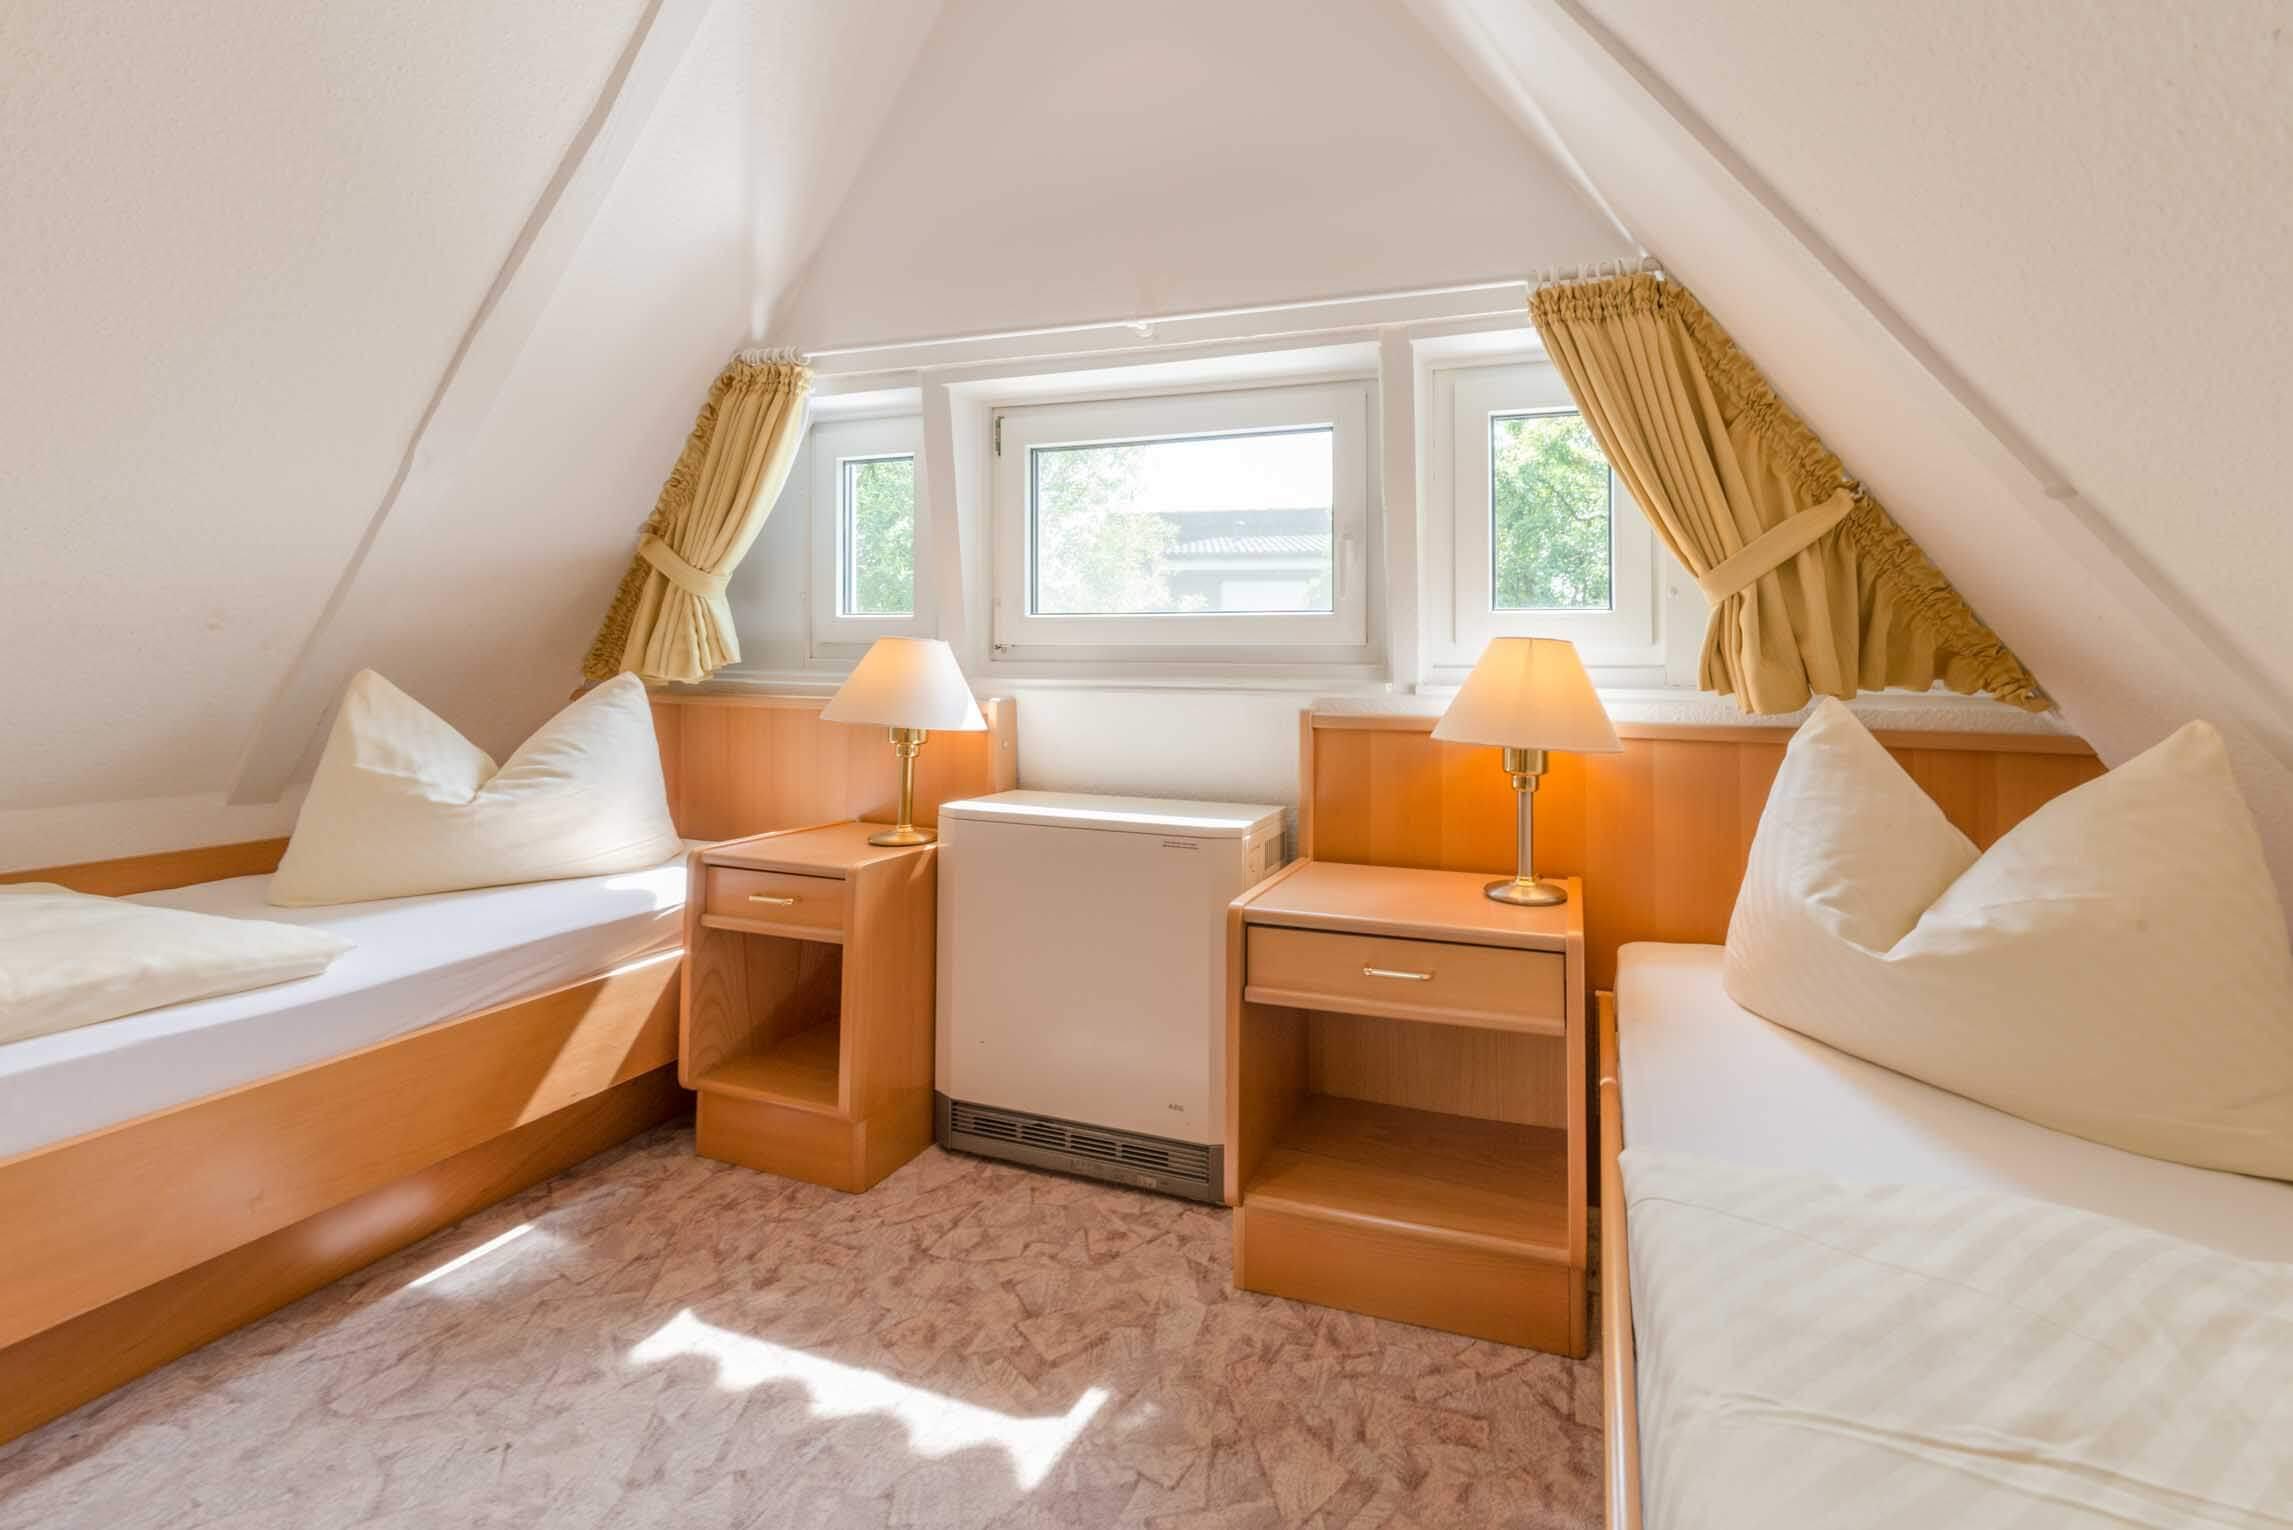 Ferienhaus Braband Cuxhaven Schlafzimmer